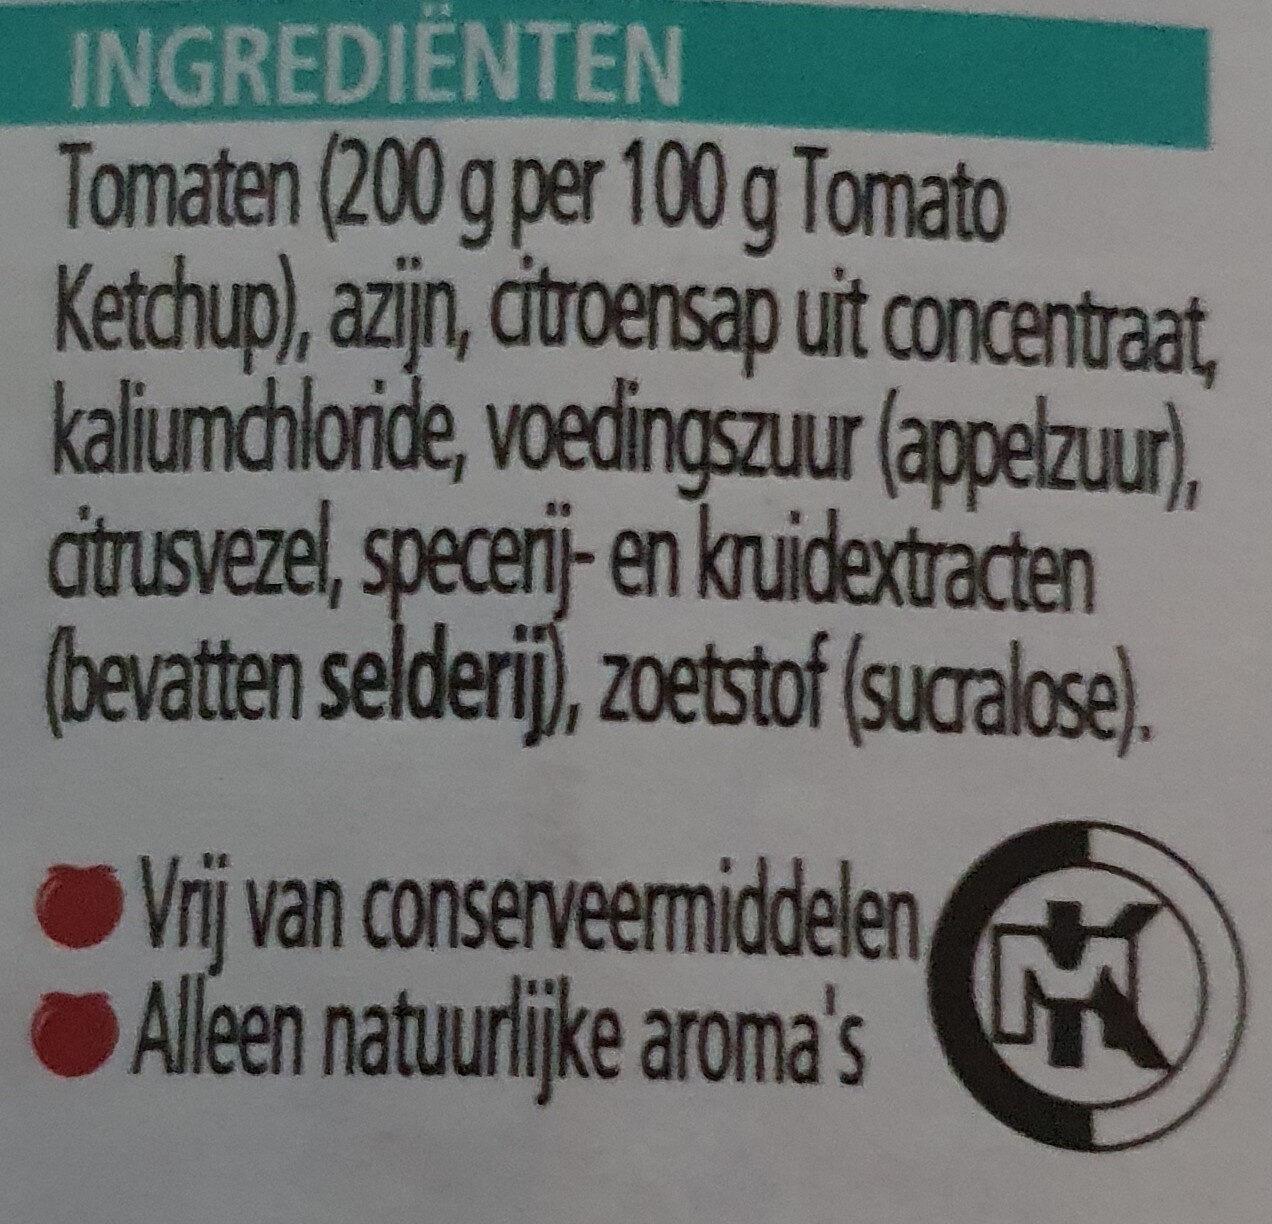 Tomato Ketchup, zonder toegevoegde suikers & zout - Inhaltsstoffe - nl